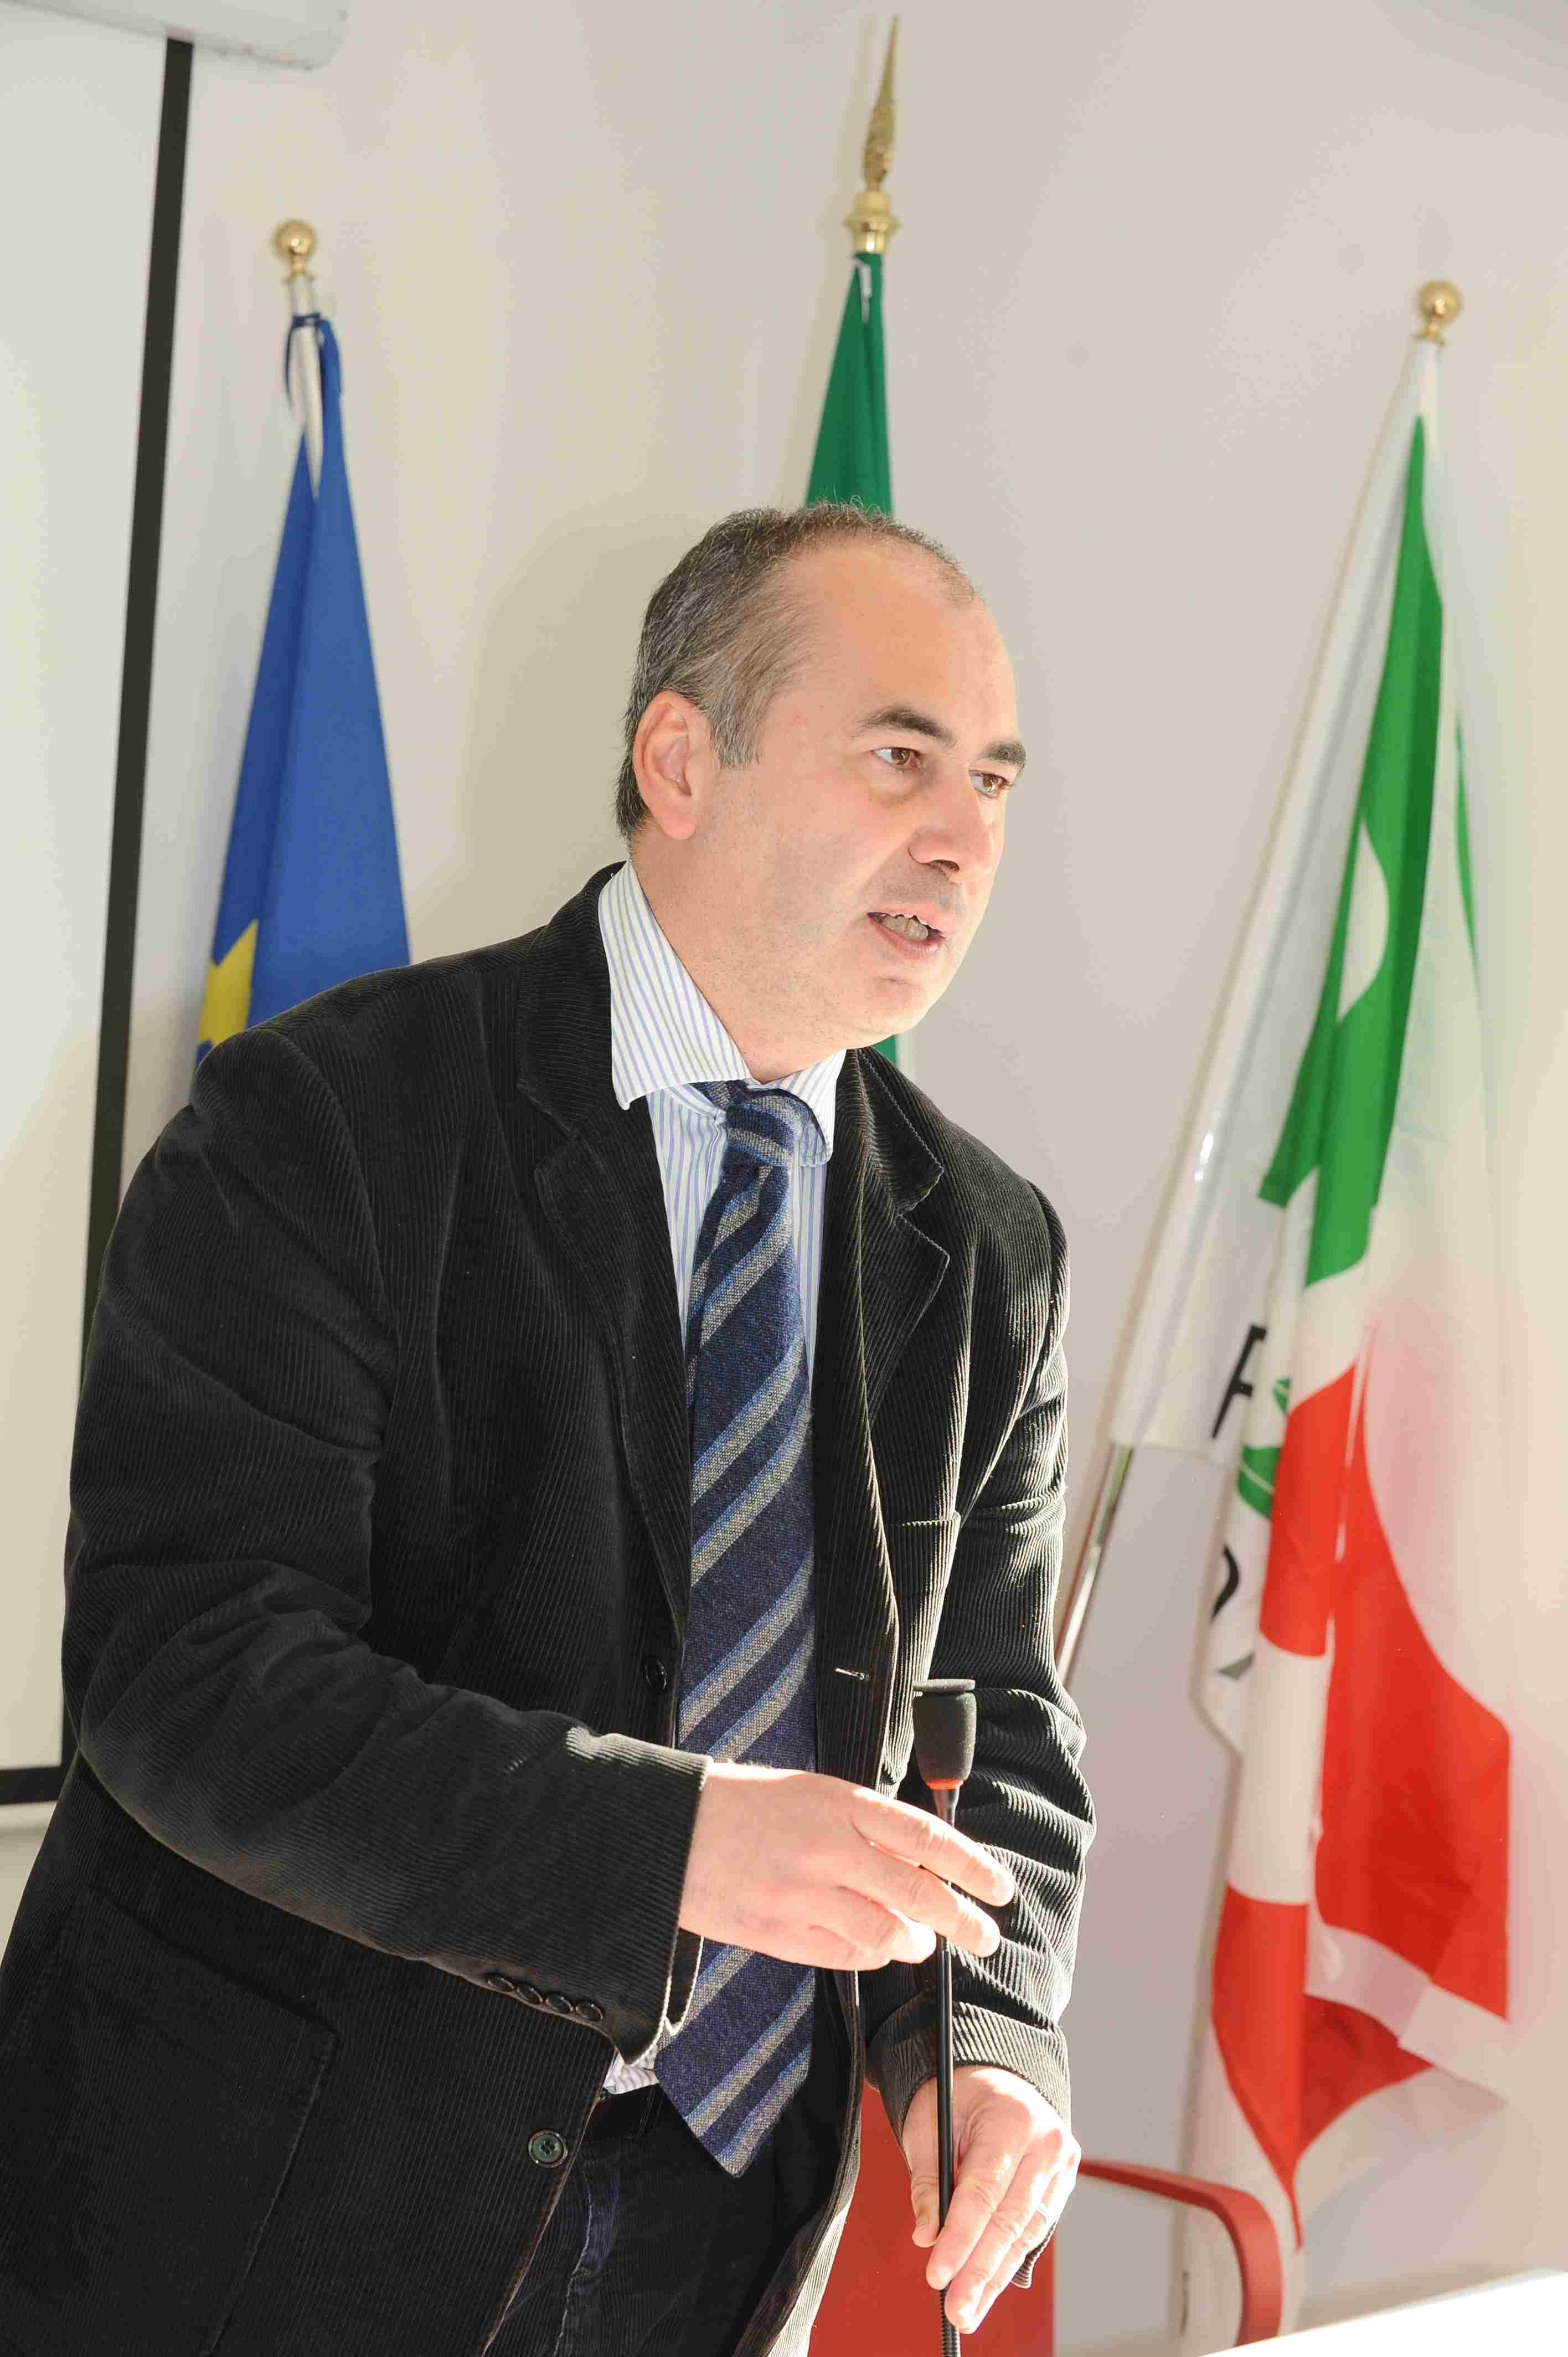 Marco Meacci: